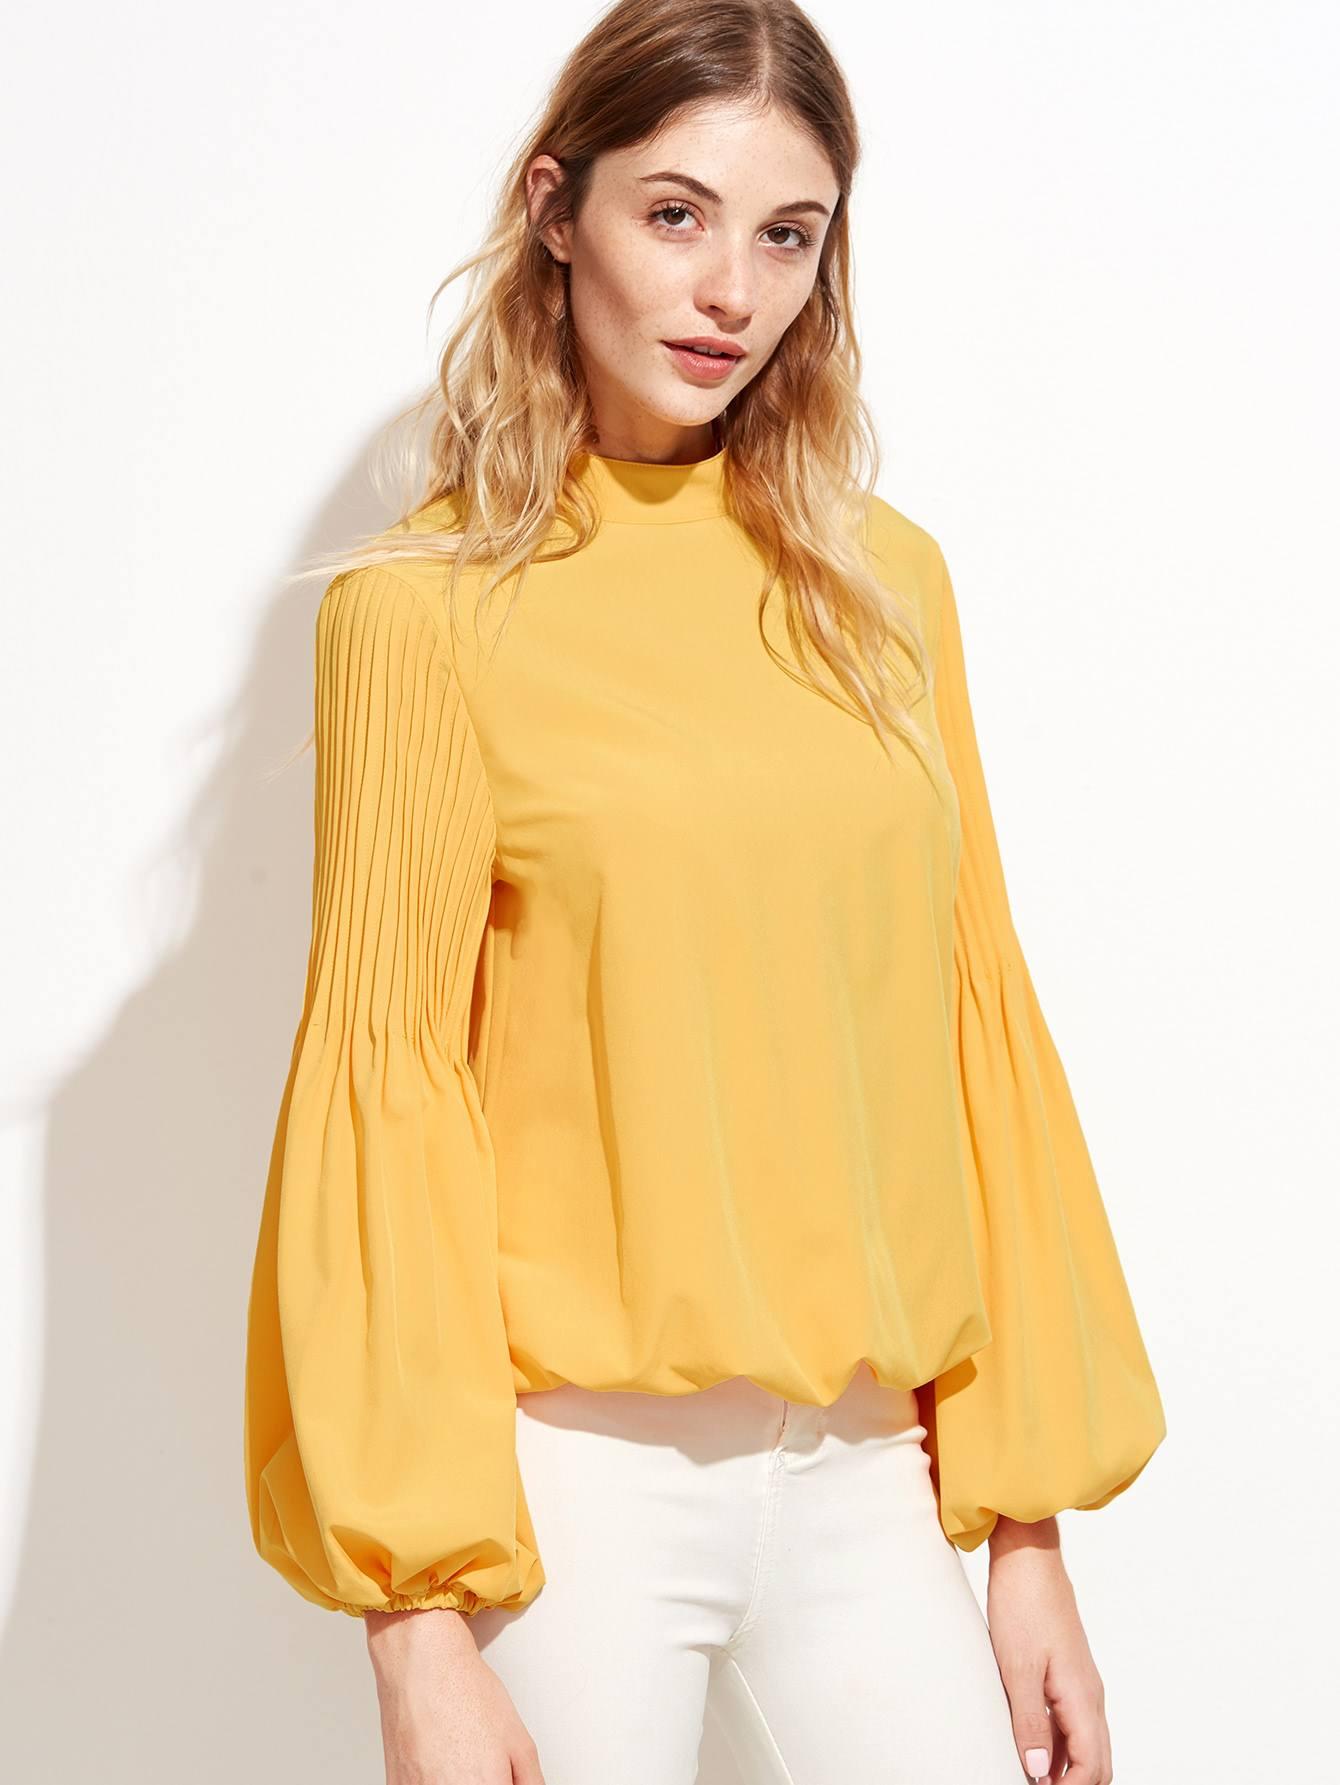 объемная блузка с чем носить фото других